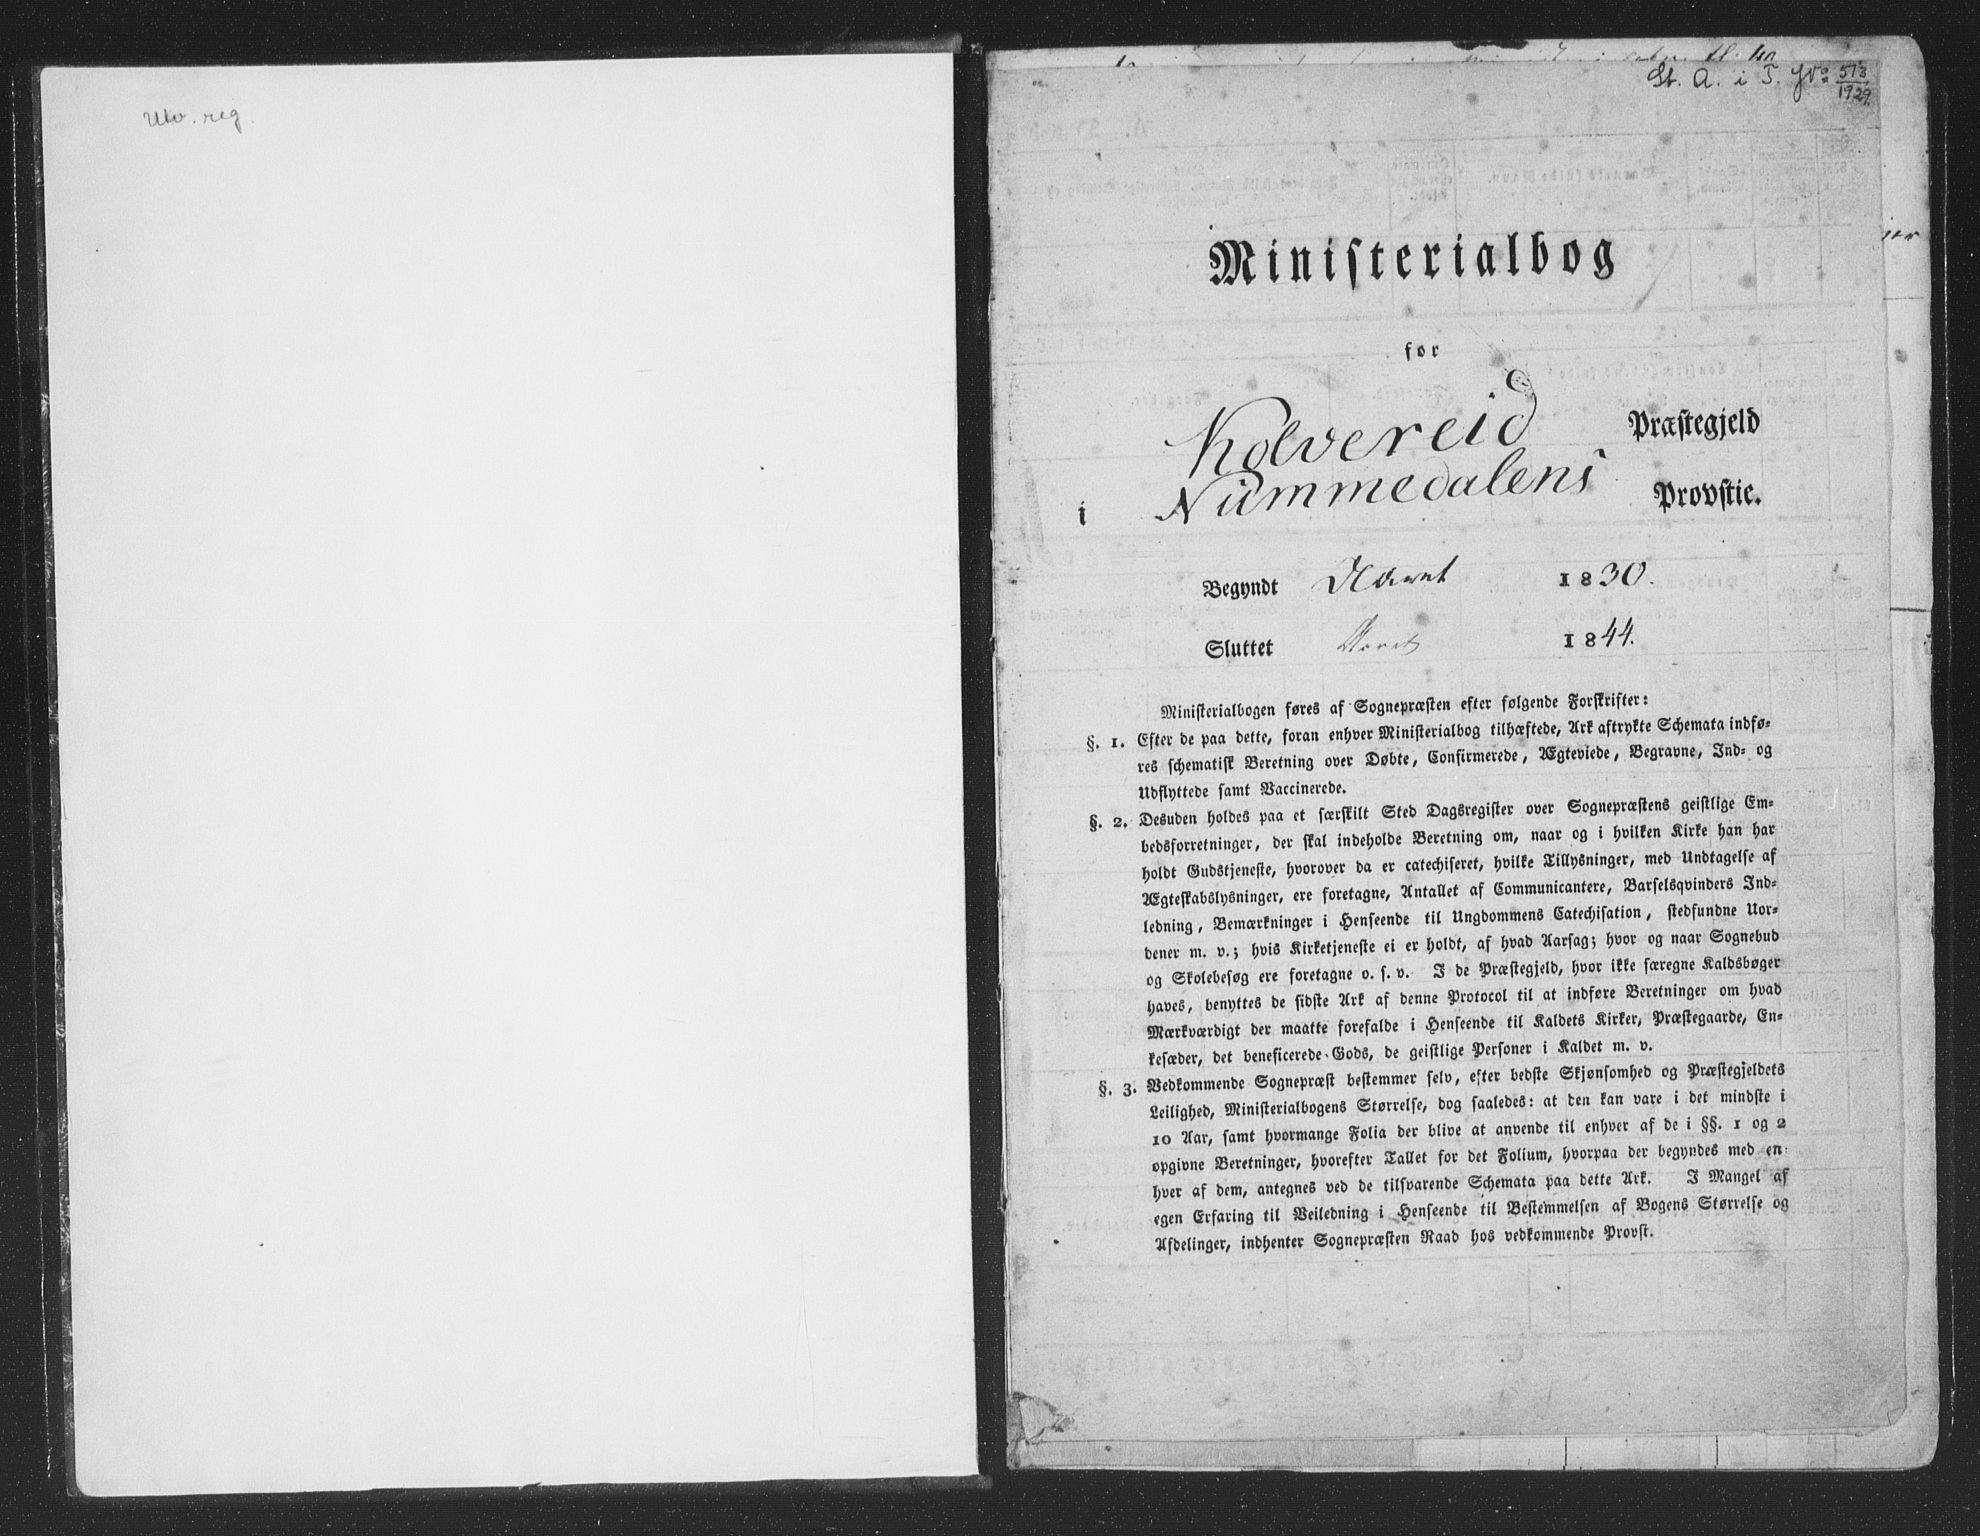 SAT, Ministerialprotokoller, klokkerbøker og fødselsregistre - Nord-Trøndelag, 780/L0639: Ministerialbok nr. 780A04, 1830-1844